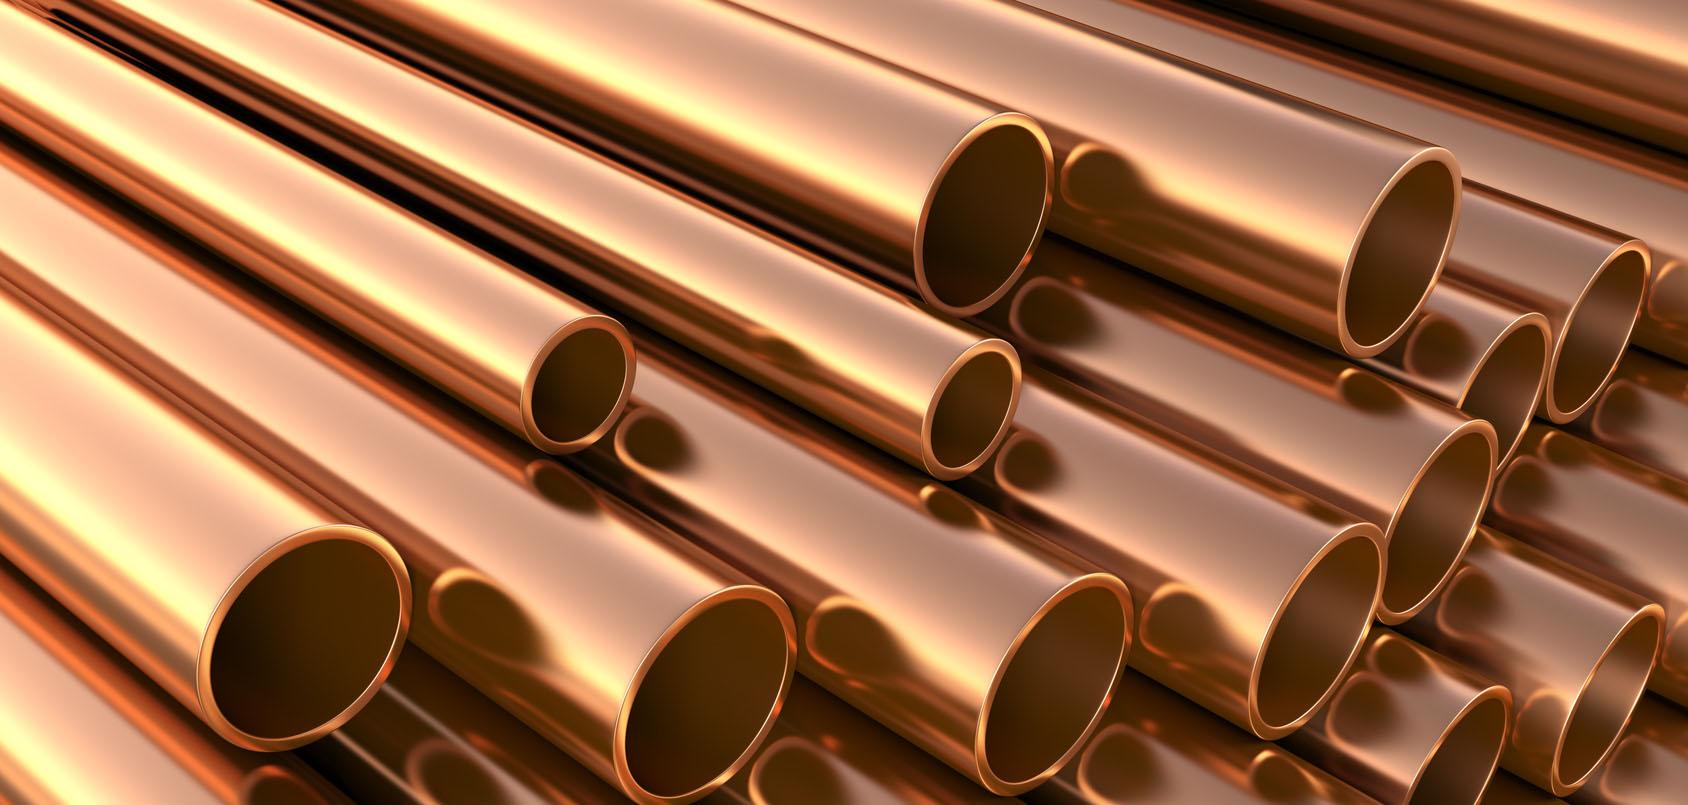 tubería de cobre